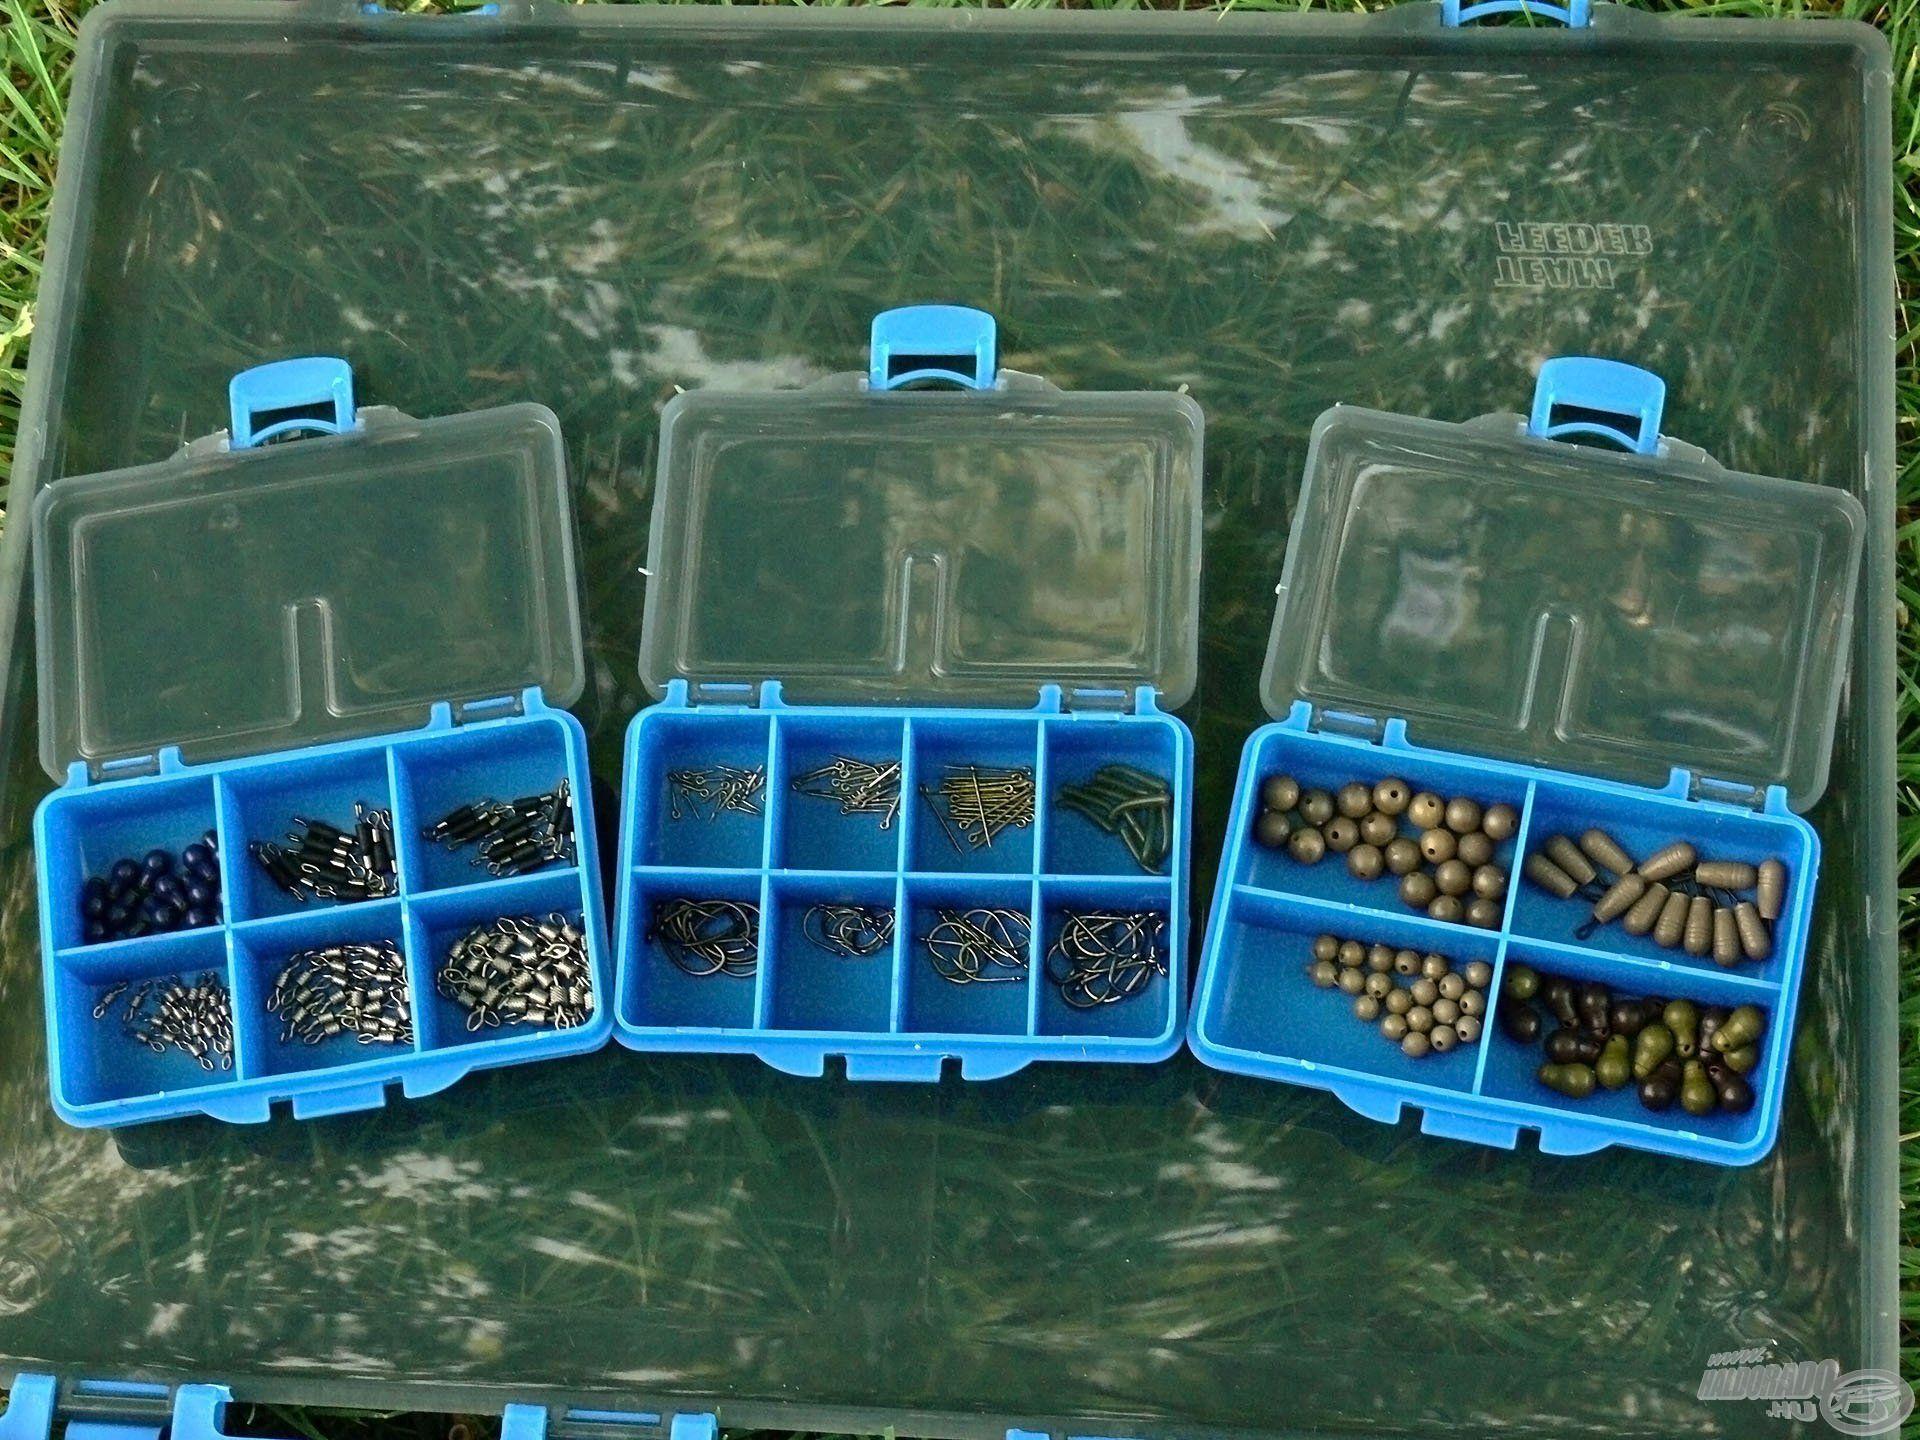 A nagy tárolódoboz mellett a készletben található 3 db kis dobozka is az aprócikkek számára